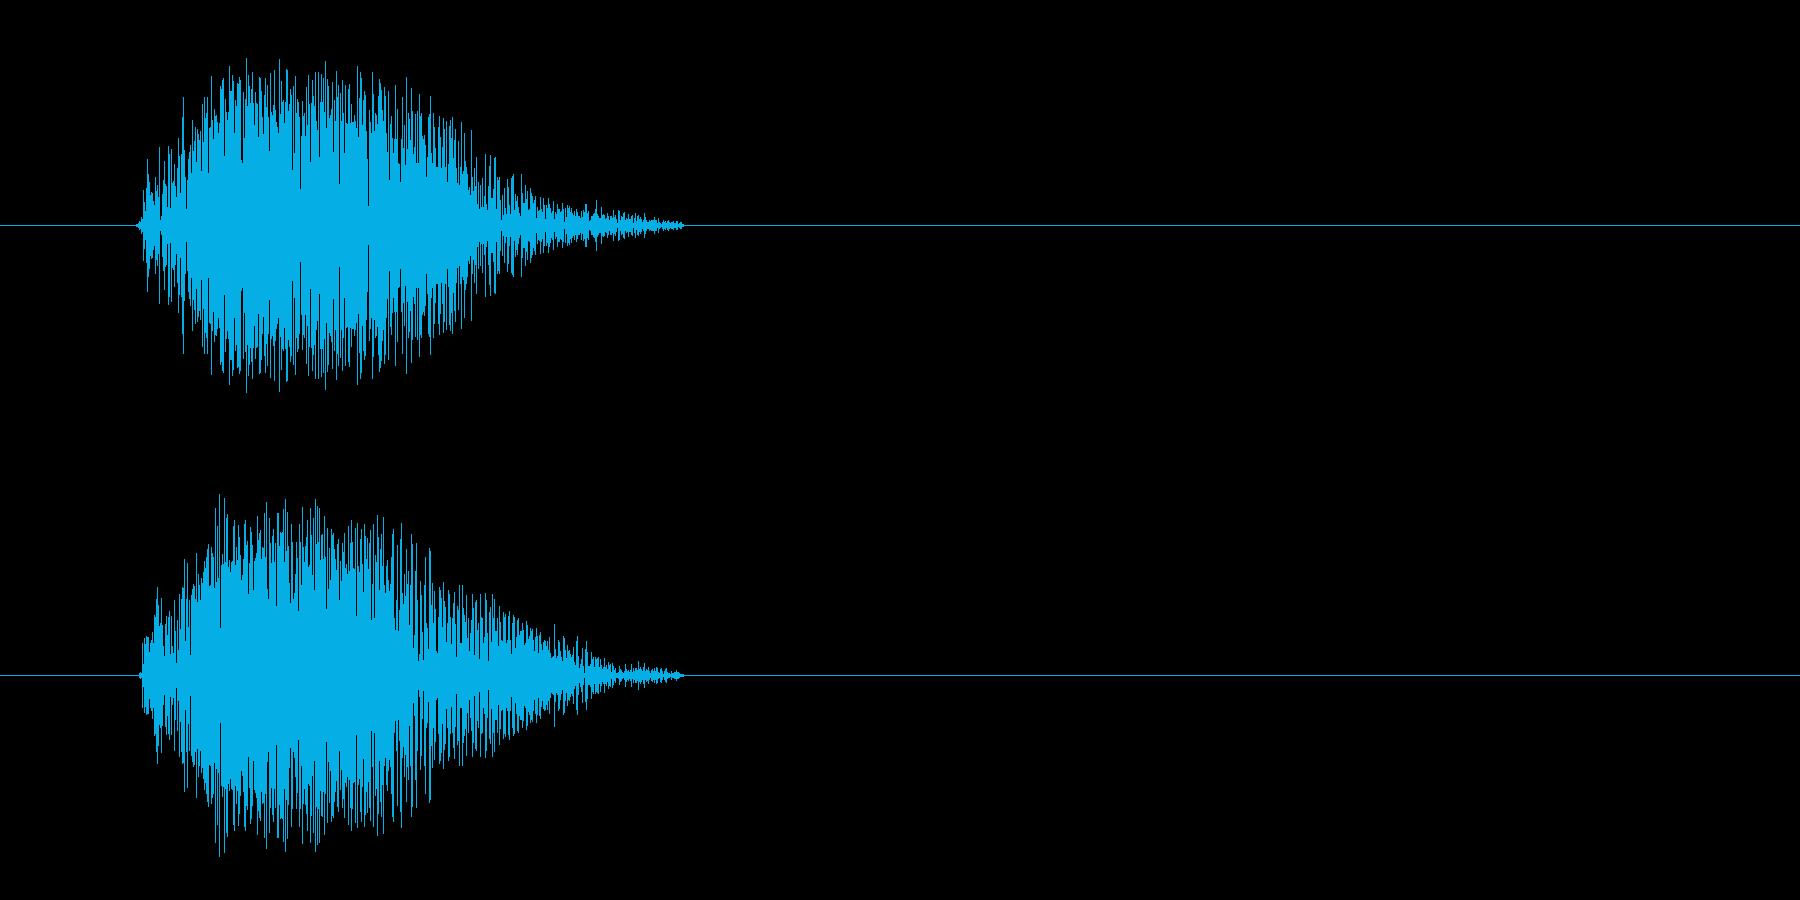 チャッ(シンプルな金属音)の再生済みの波形